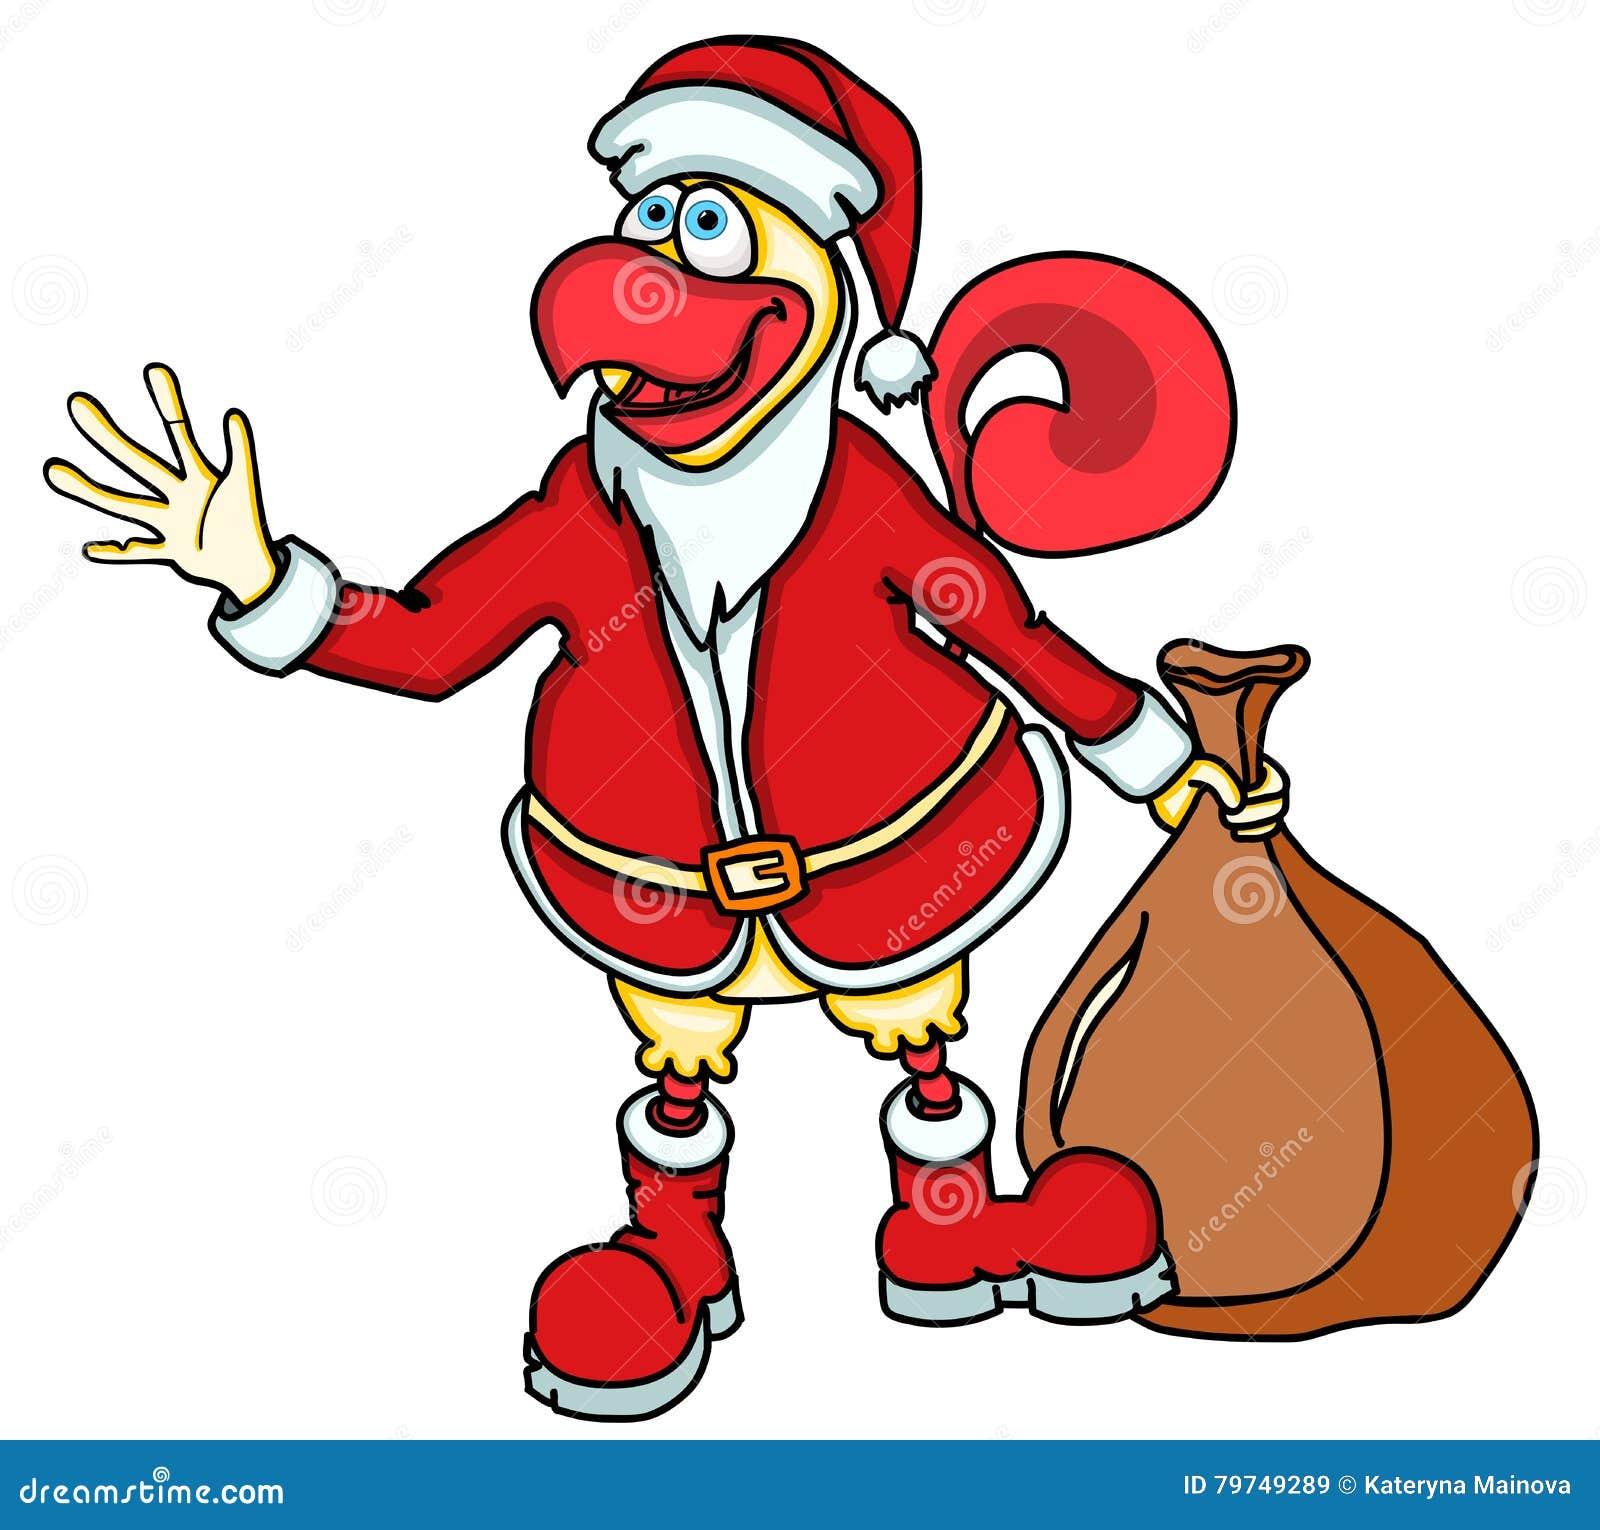 Gallo divertido de la historieta, el símbolo del Año Nuevo 2017 en el calendario chino bajo la forma de Santa Claus con un bolso